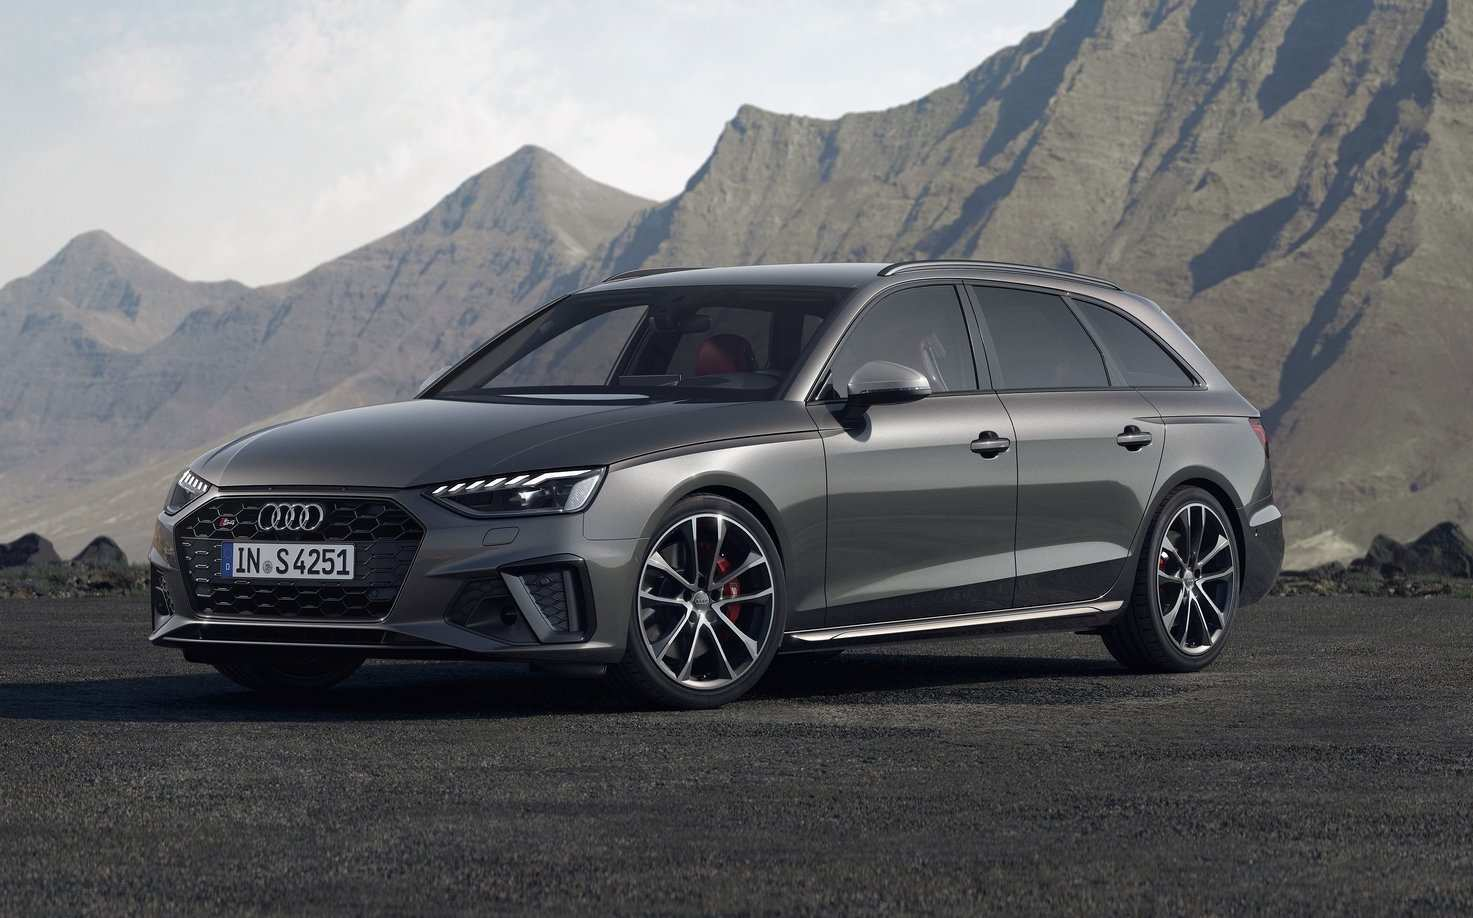 82 All New Audi Van 2020 History by Audi Van 2020